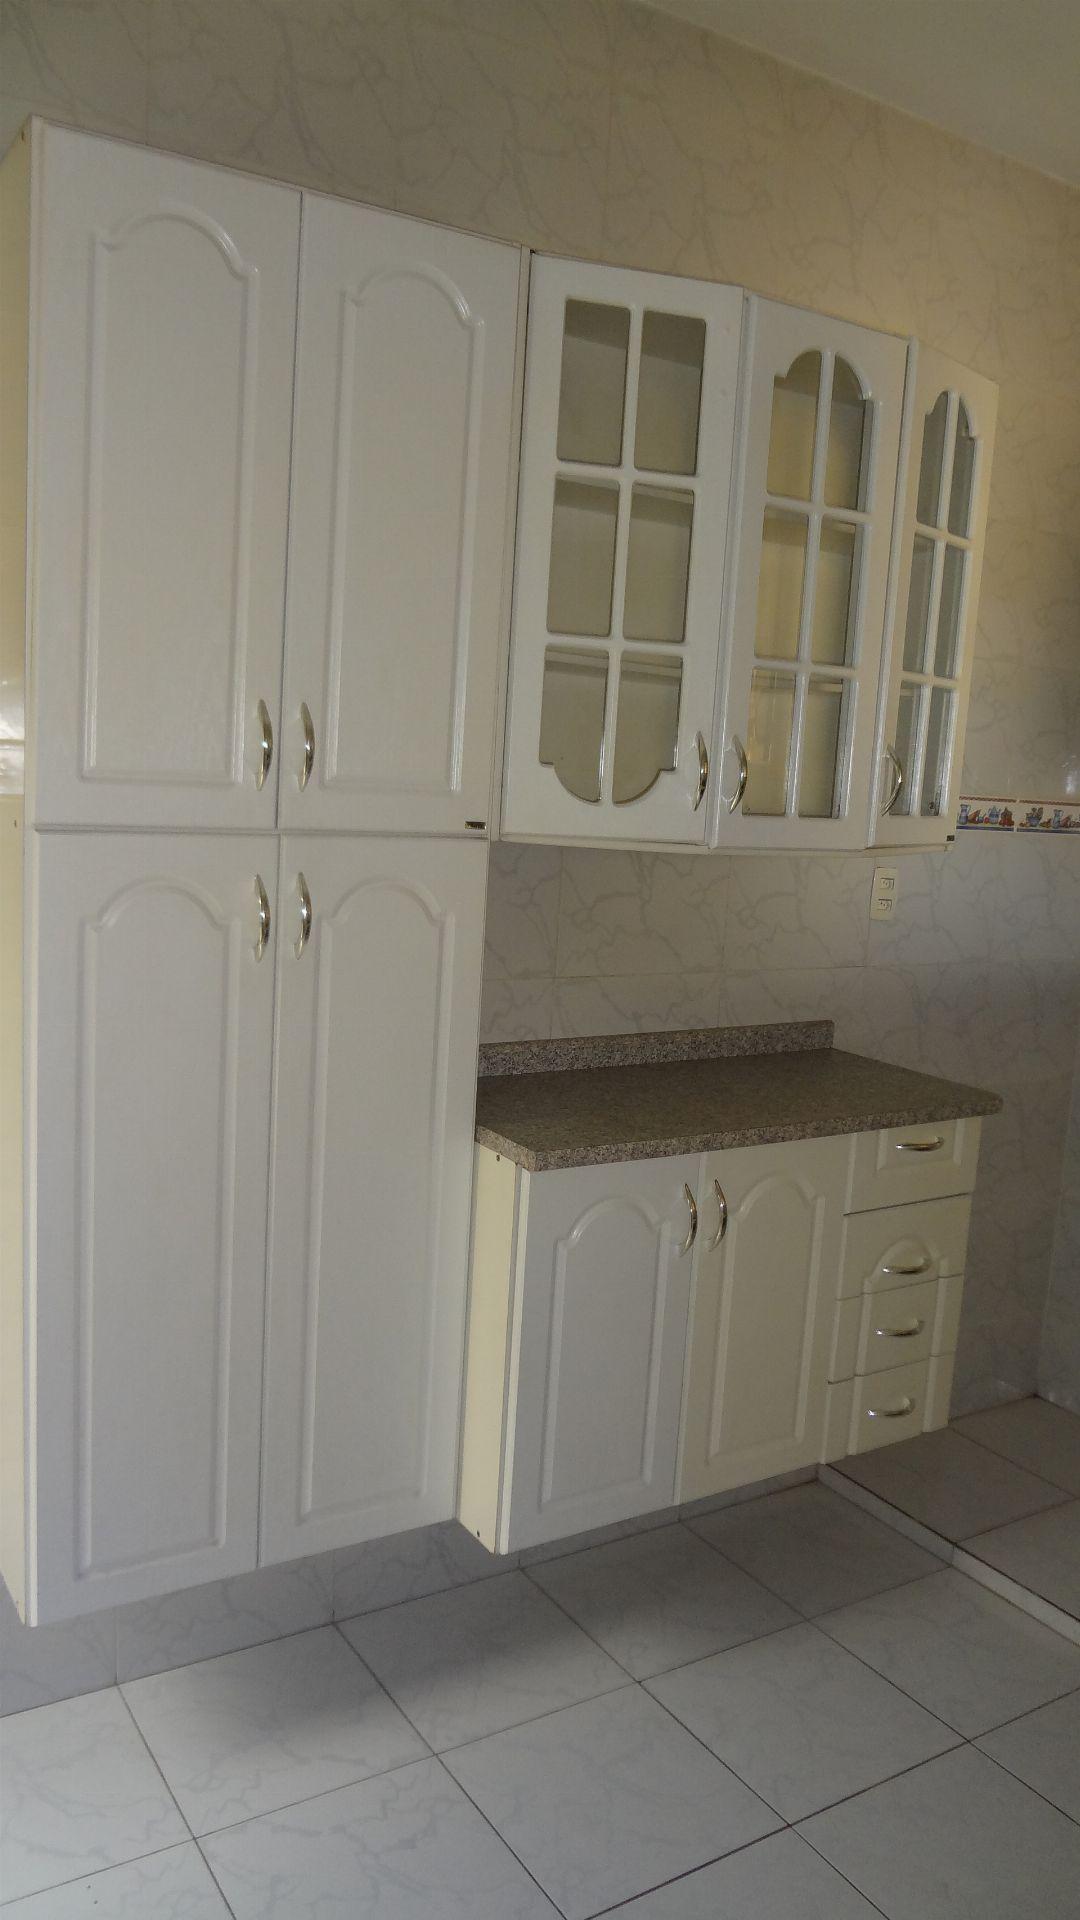 Cozinha - Casa Para Venda ou Aluguel - Higienópolis - Rio de Janeiro - RJ - 724 - 8